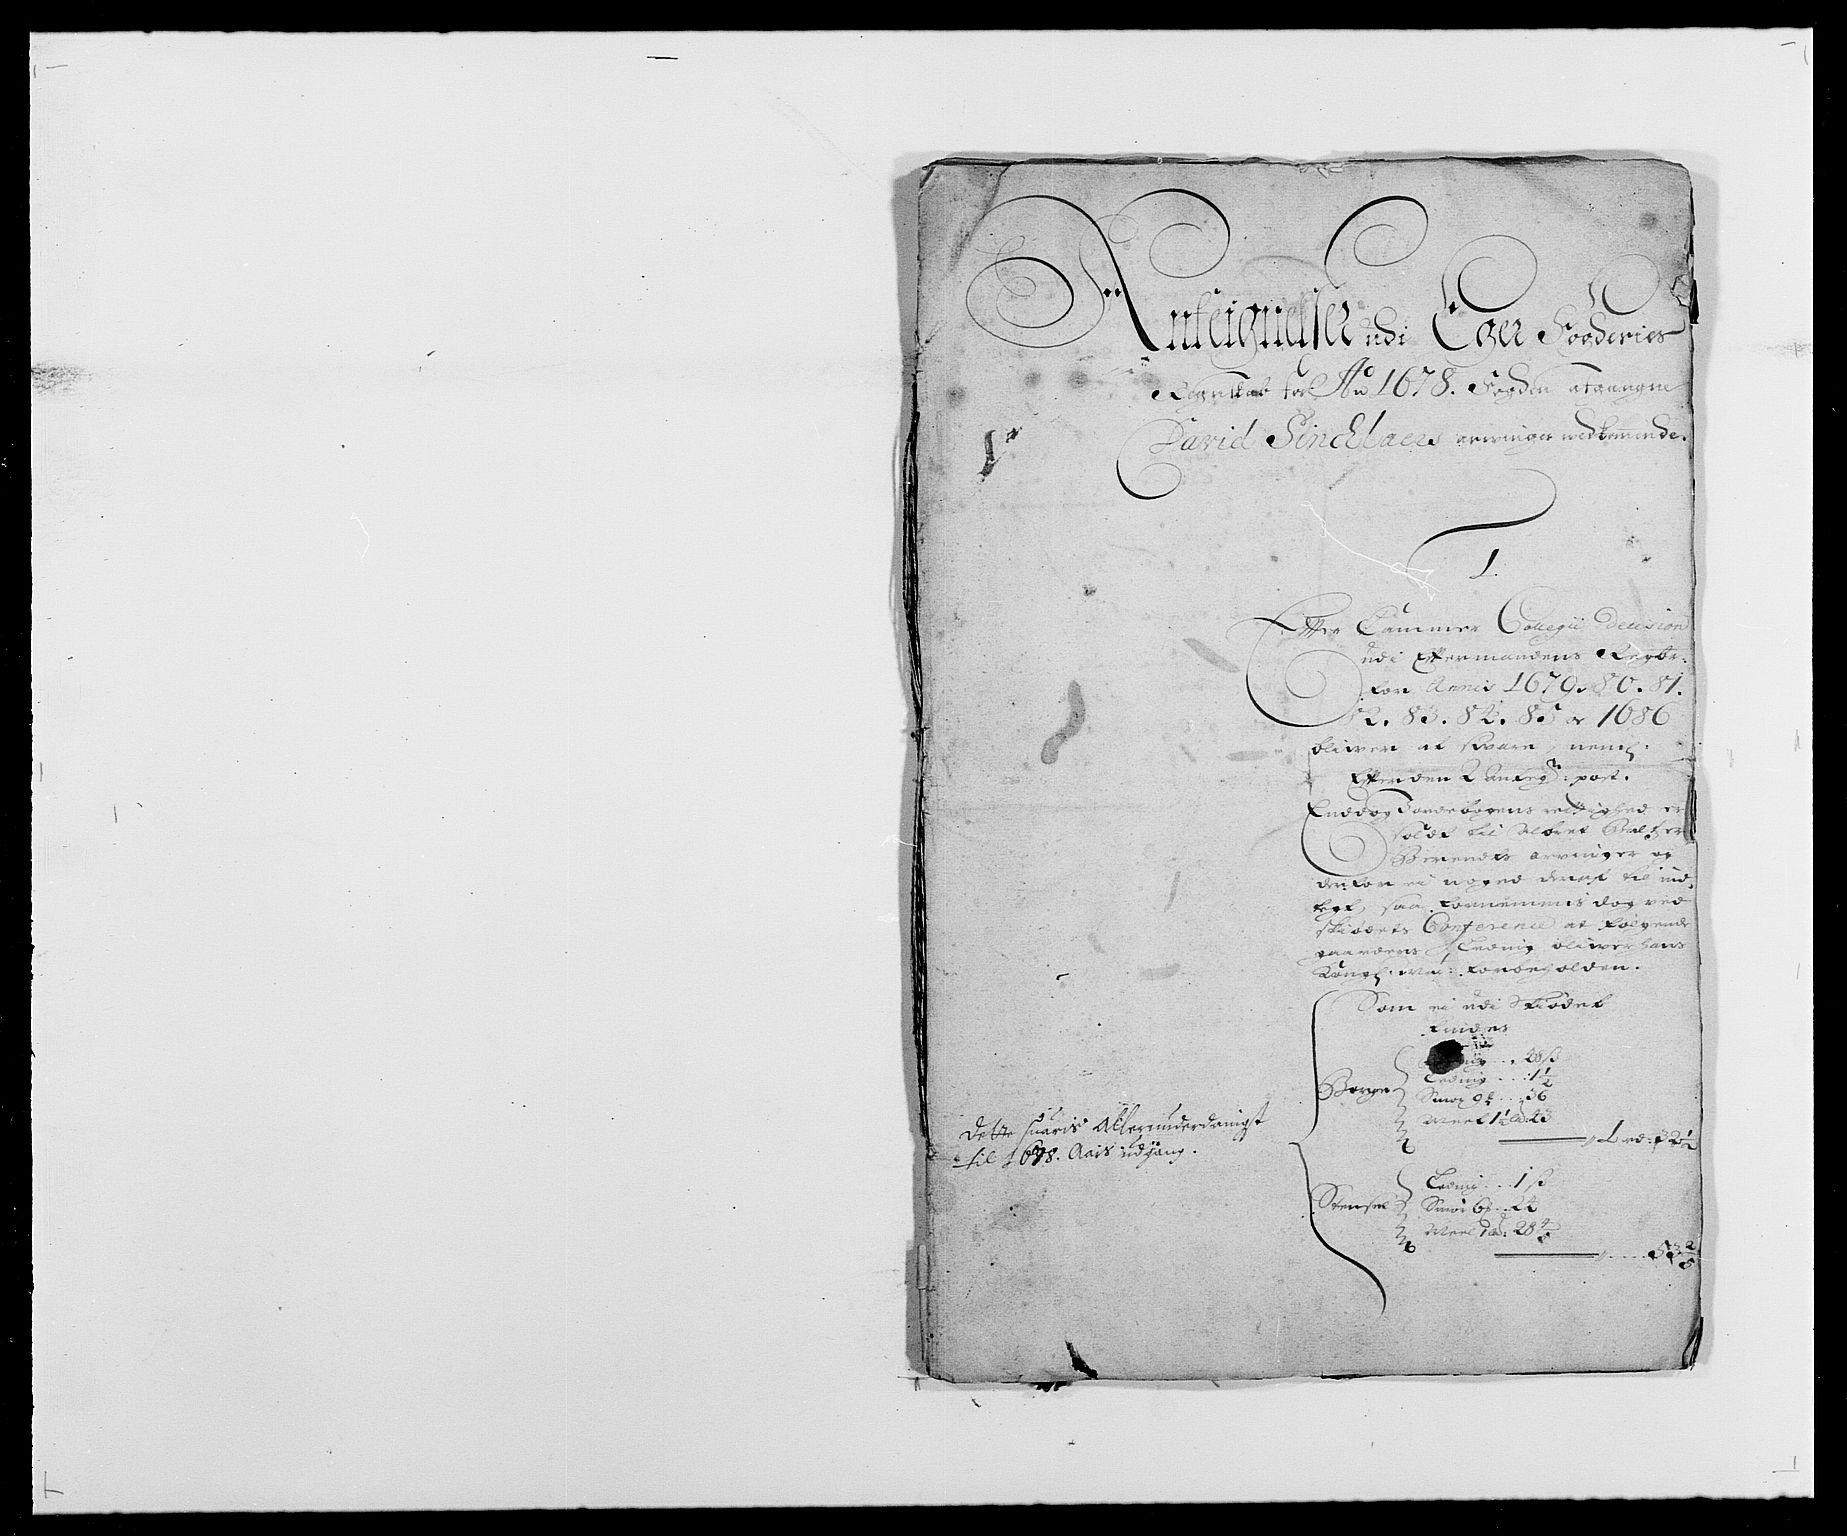 RA, Rentekammeret inntil 1814, Reviderte regnskaper, Fogderegnskap, R26/L1683: Fogderegnskap Eiker, 1678, s. 89